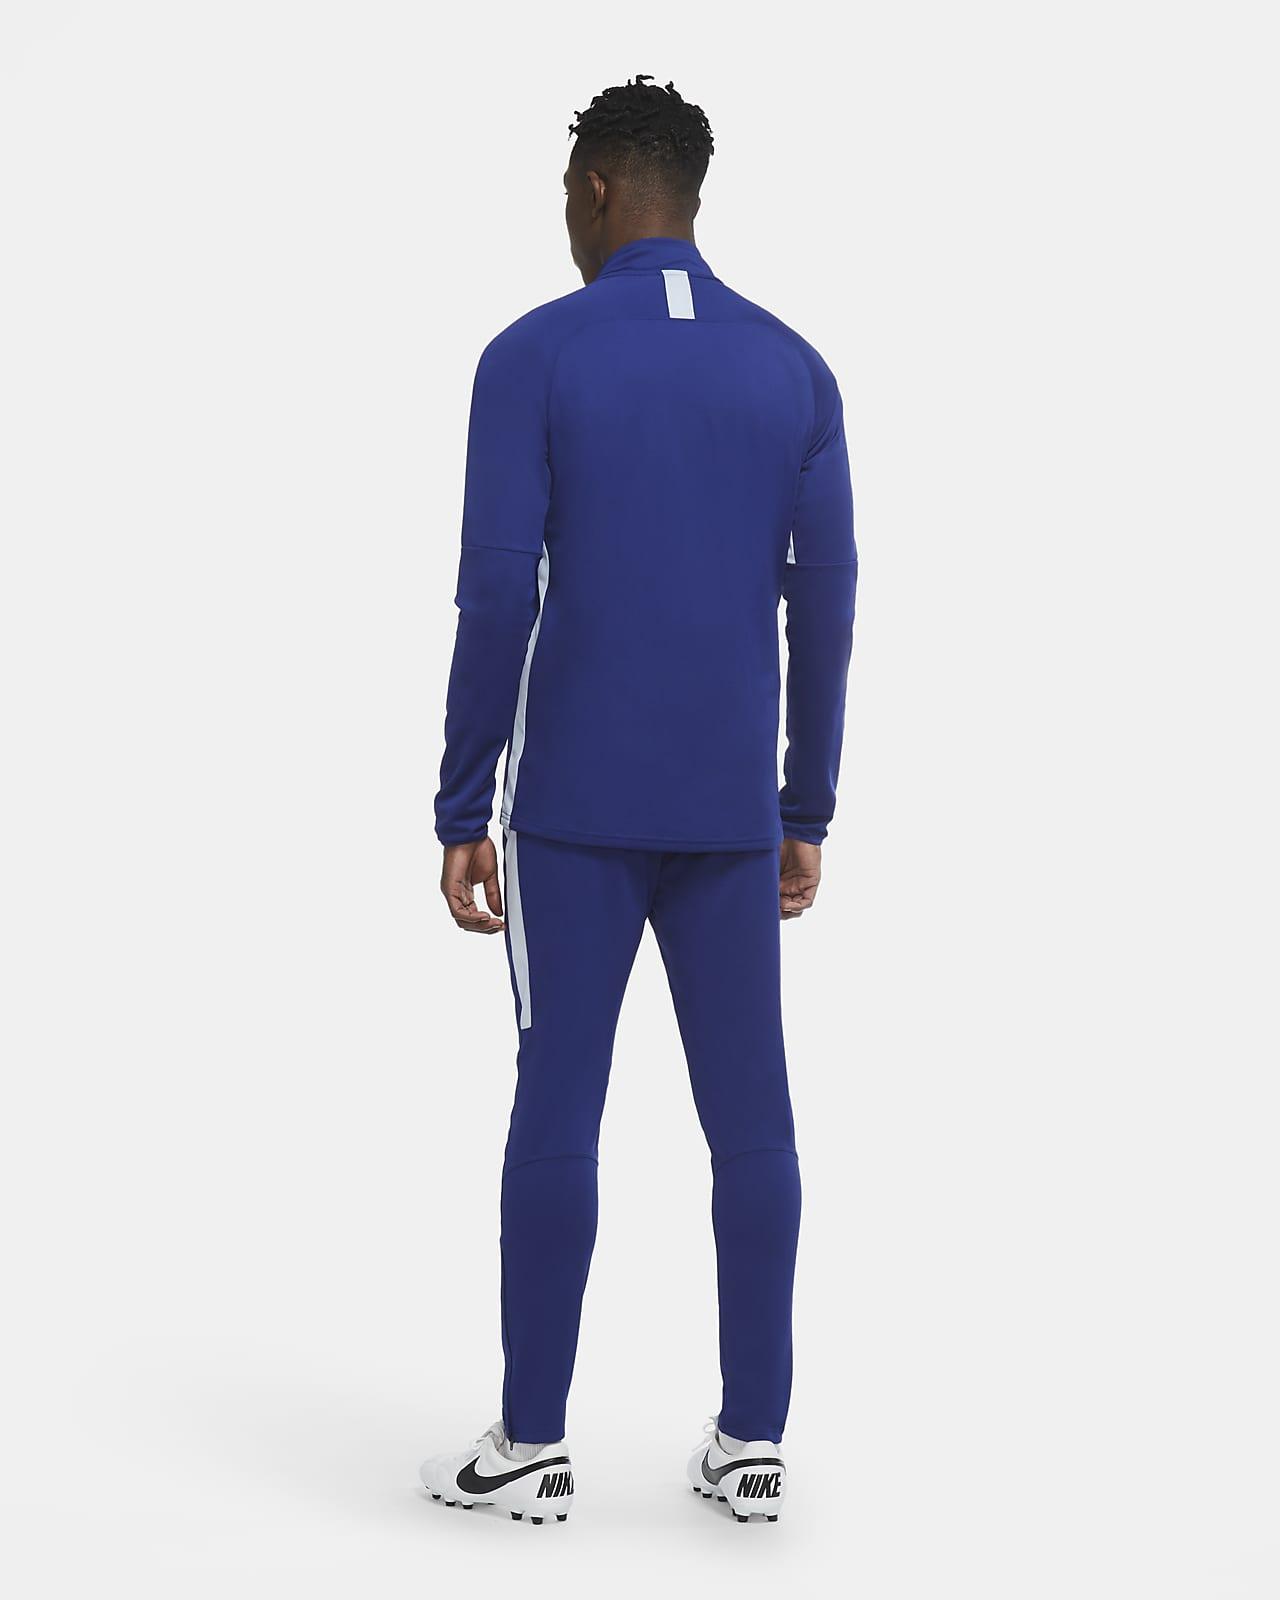 Nike Dri-FIT Academy Chándal de fútbol - Hombre